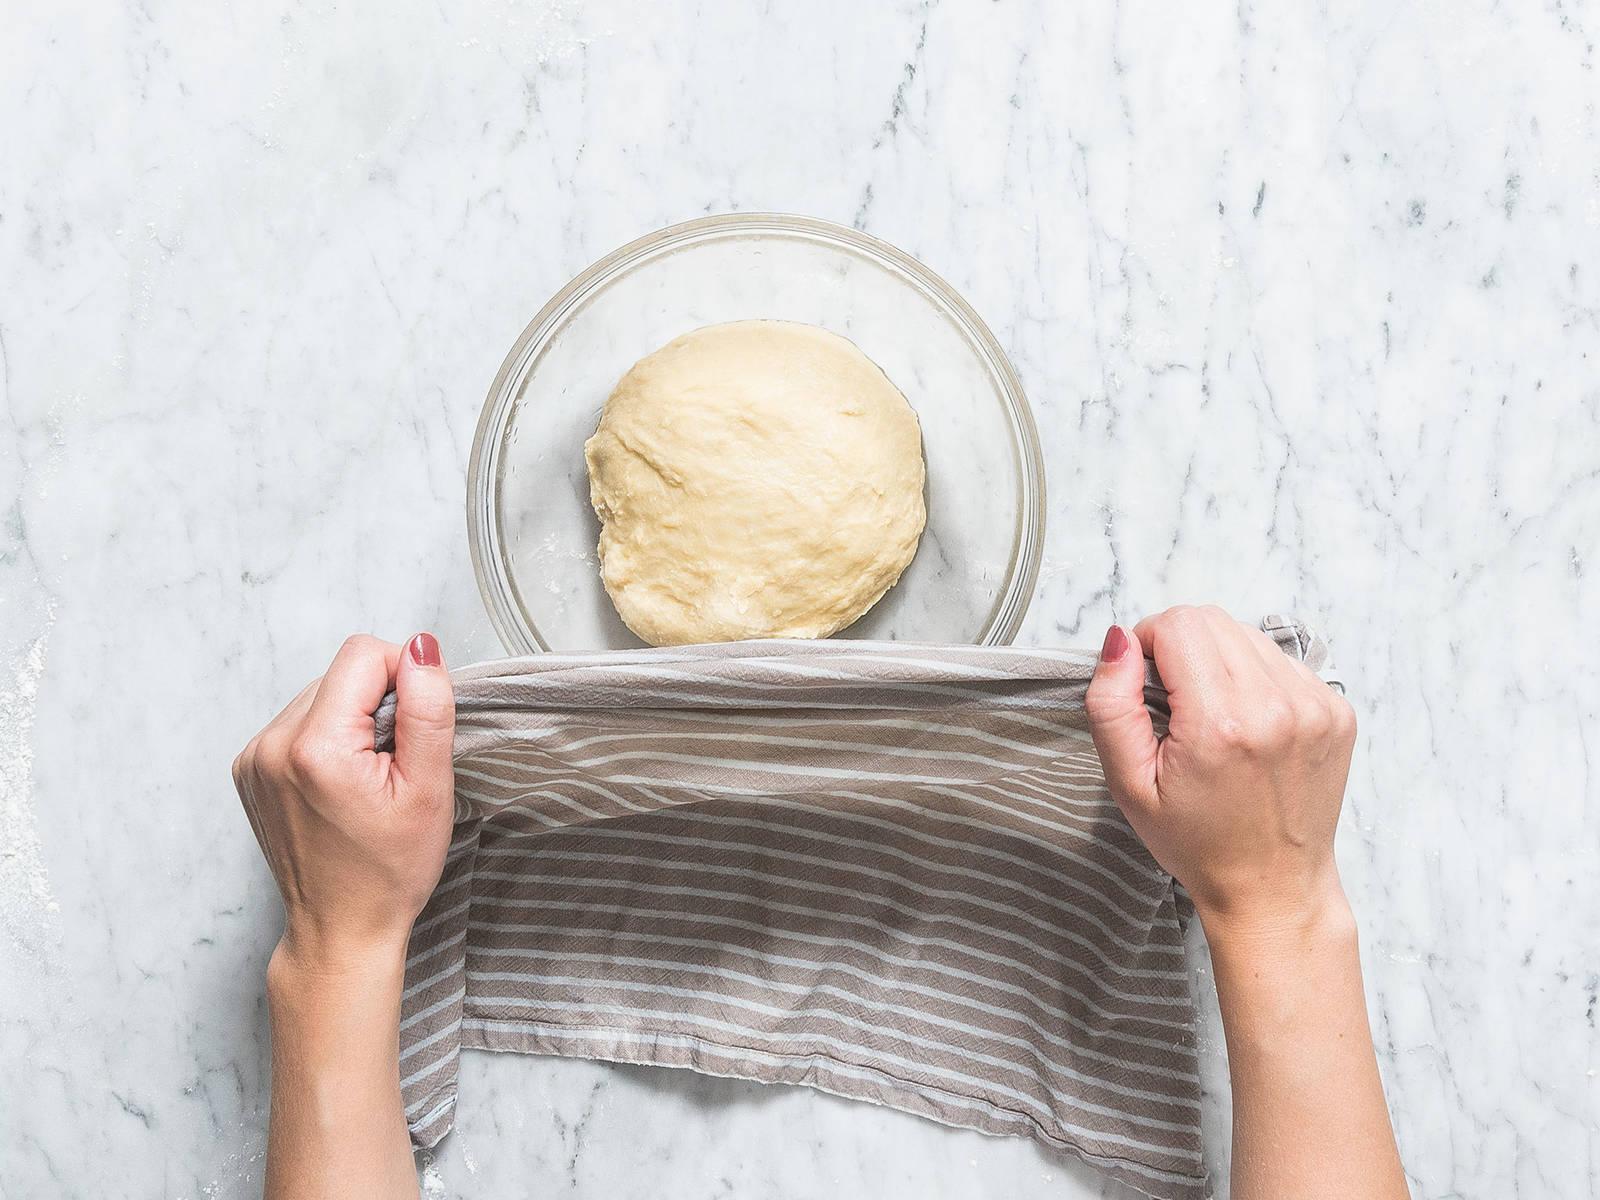 在一个大搅拌碗或搅拌机的碗中,混合面粉、盐和糖。酵母起泡之后,倒入面粉混合物中,然后倒入鸡蛋混合物,搅拌均匀。将面团放到撒了面粉的工作台上,揉面5-10分钟,如有需要可加入更多面粉,直至面团变软且有弹性(此时仍会有些粘手)。将面团放到油润滑过的碗中,盖上湿润的厨房毛巾,在室温中静置,直至面团膨胀至两倍体积,约需2小时。